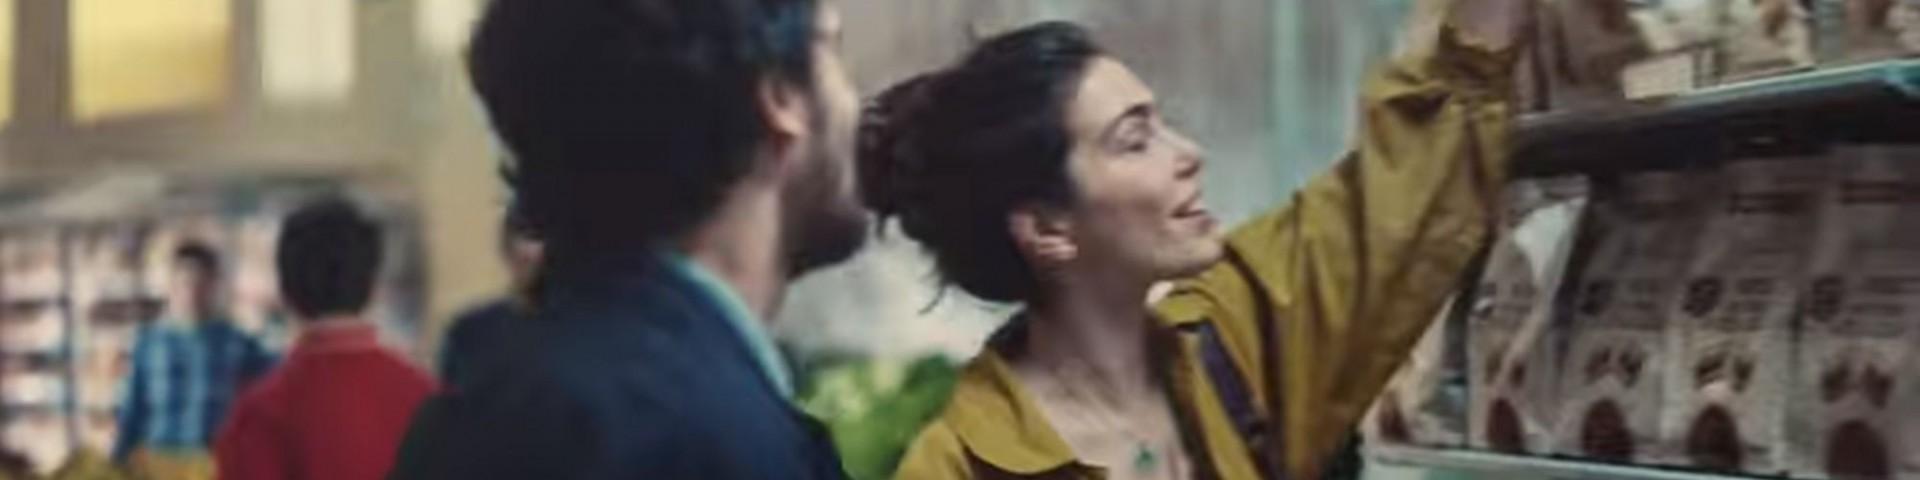 Pubblicità Conad 2020: di chi è la canzone che fa da colonna sonora? (Video)